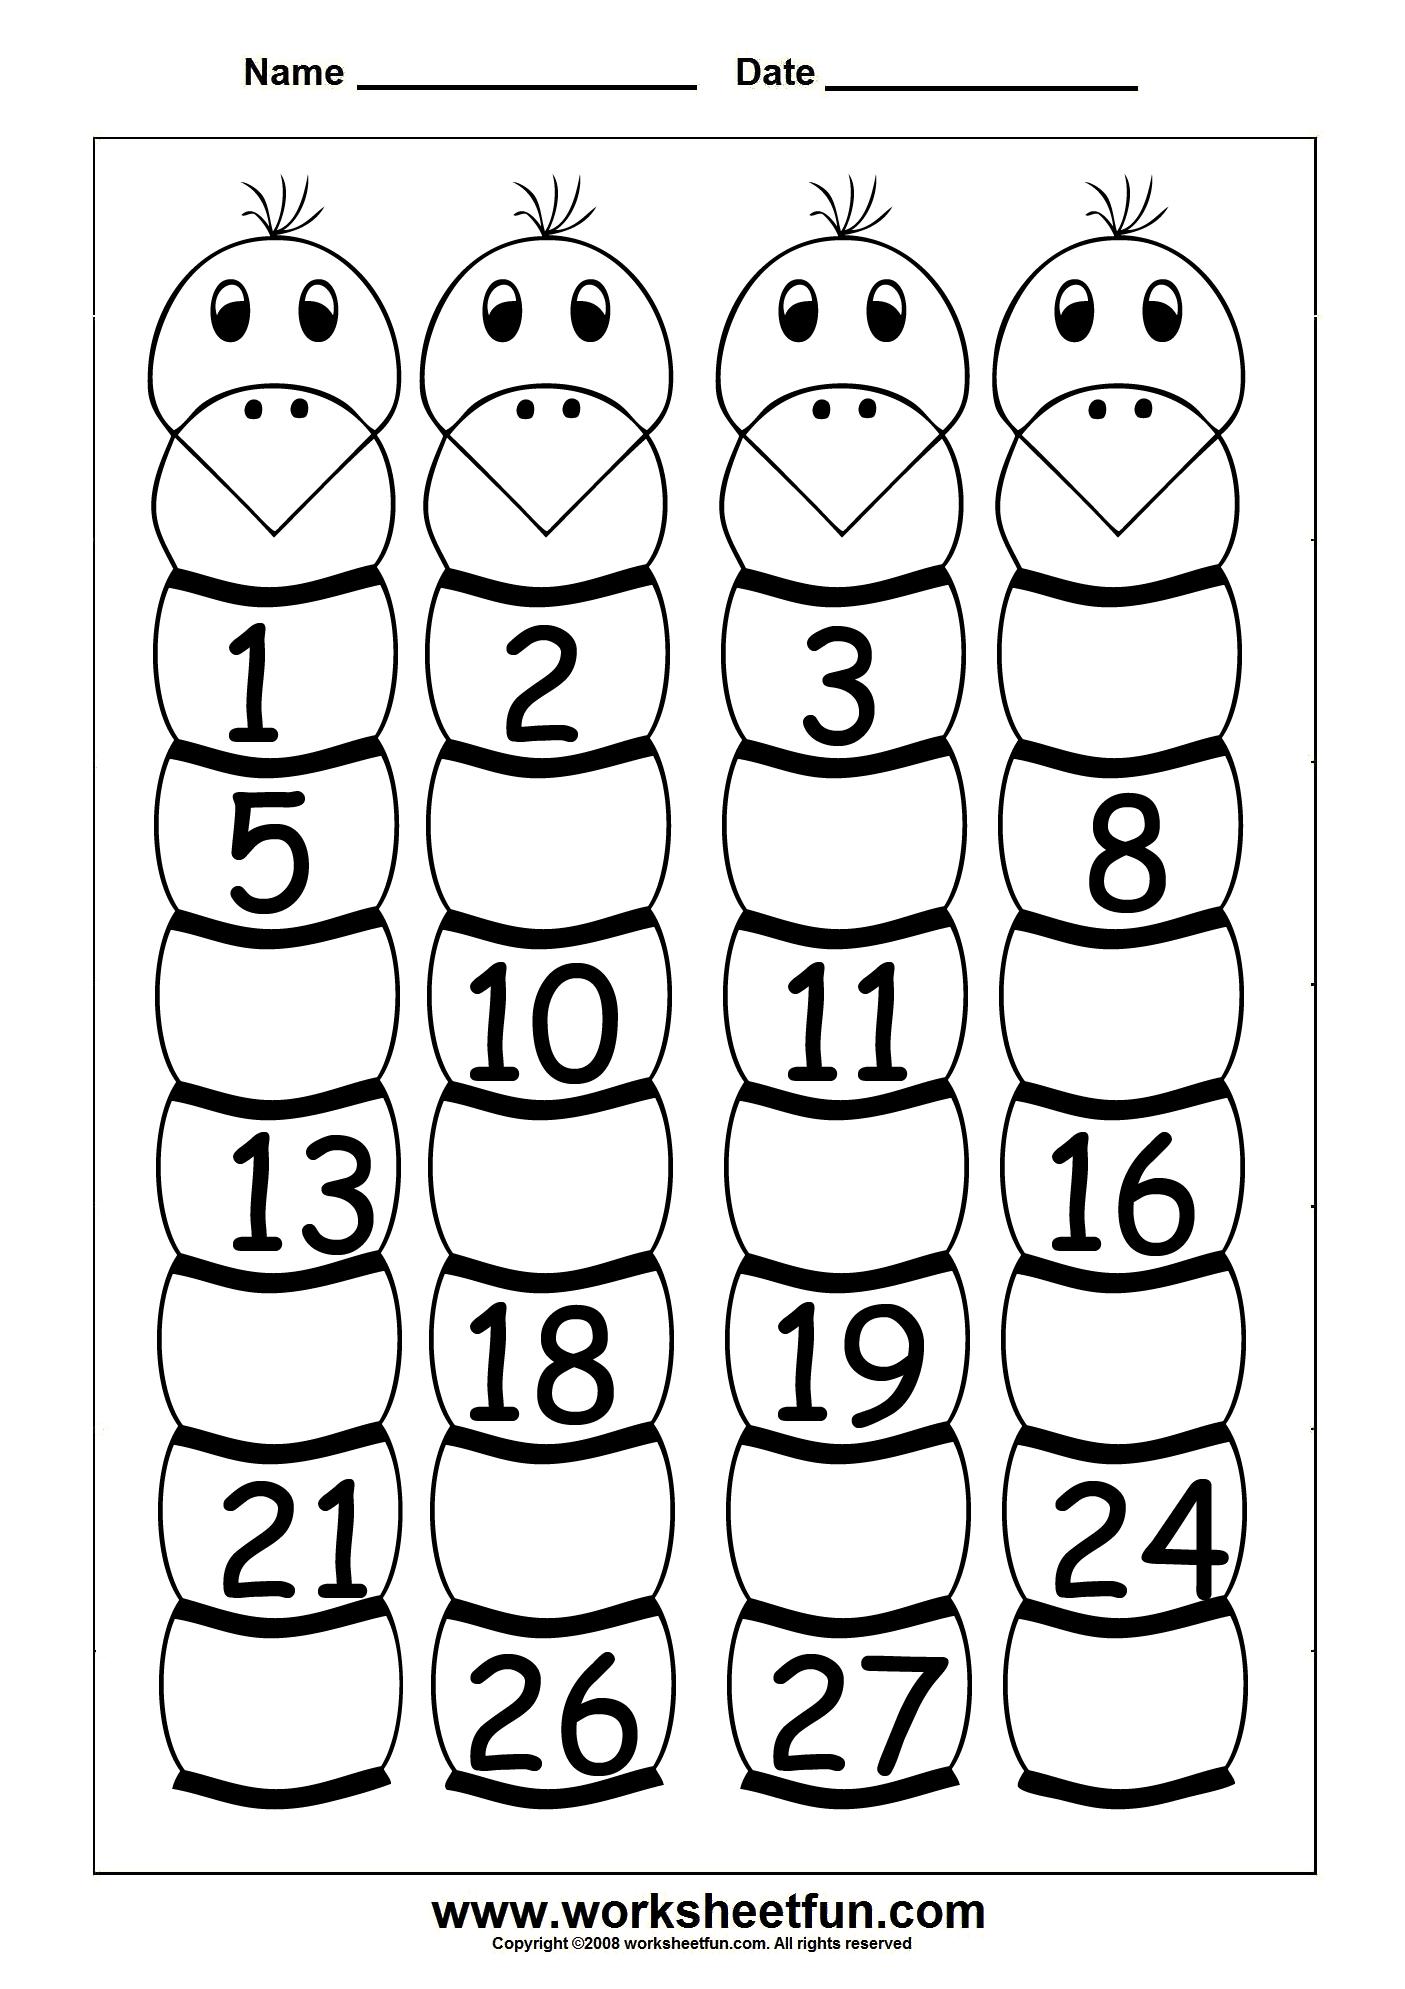 15 Best Images Of Kindergarten Worksheets Numbers 1 30